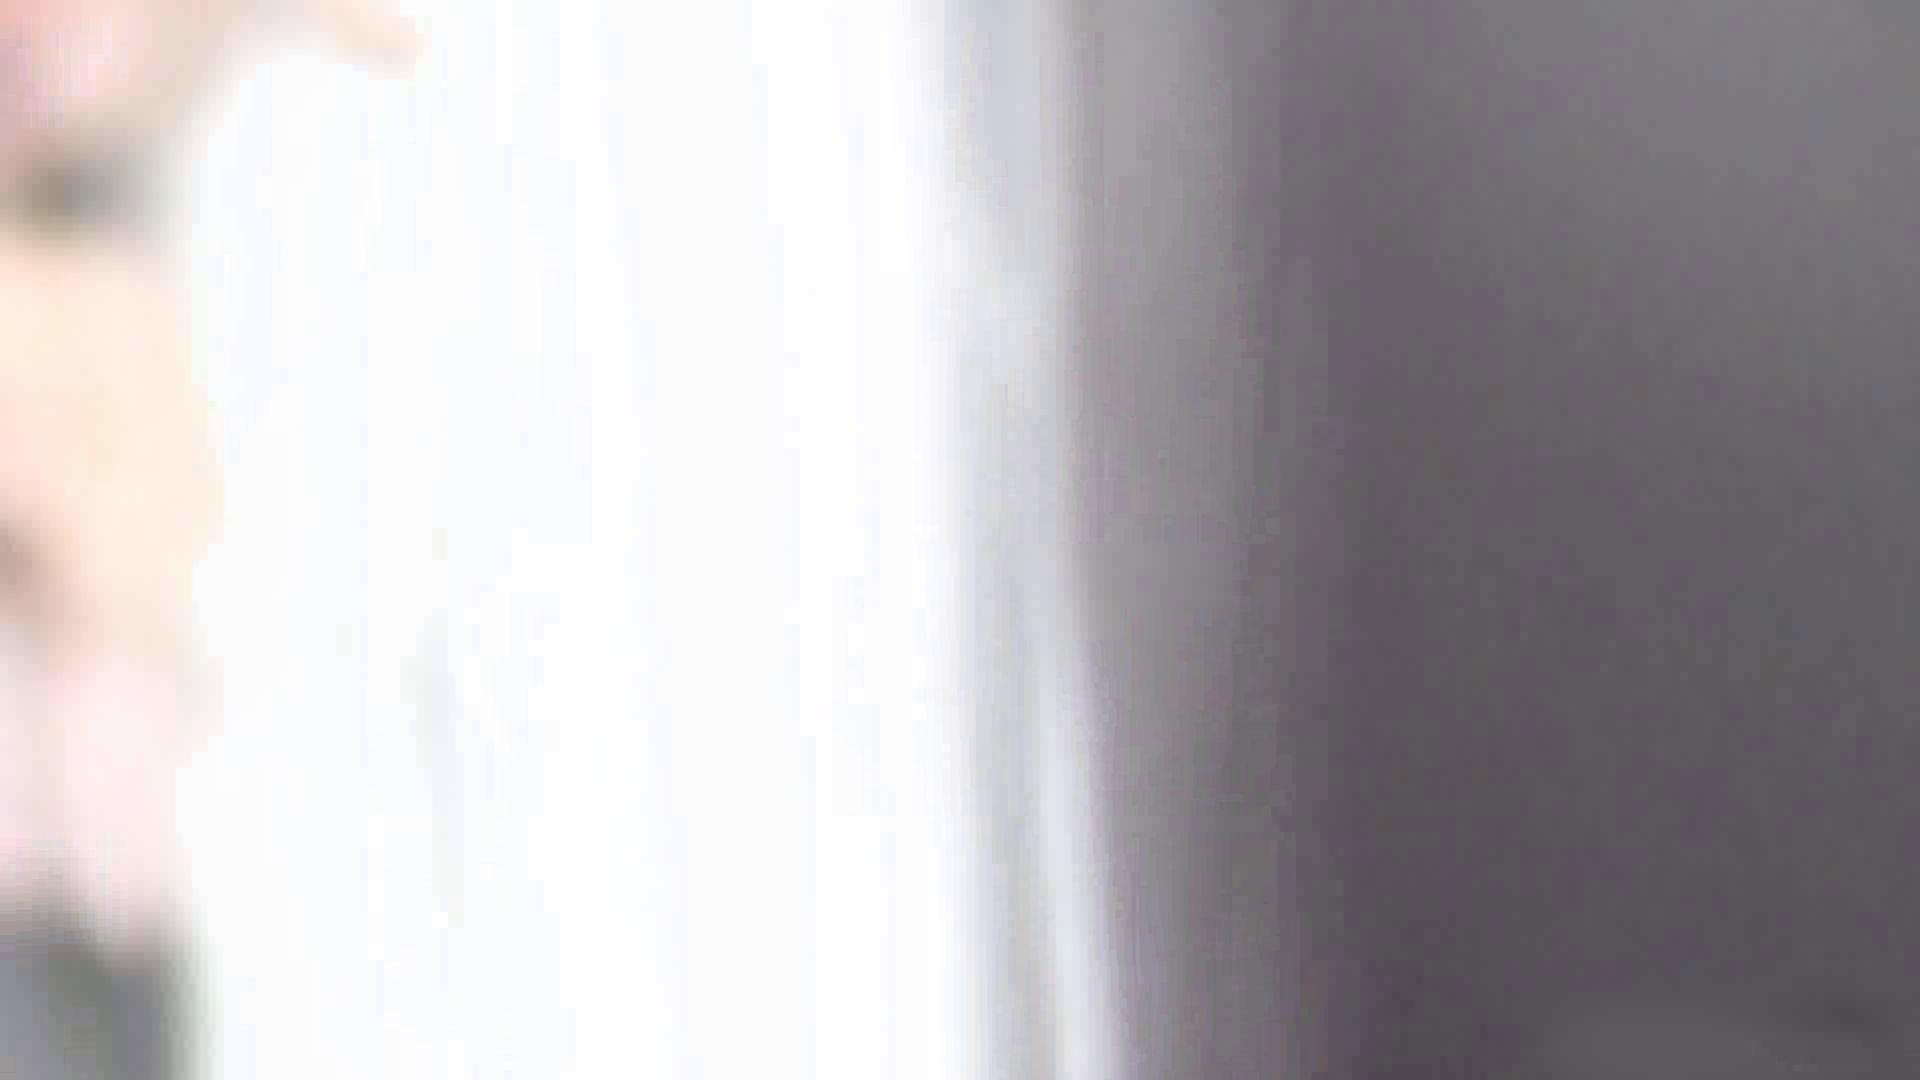 屋外トイレっと!Vol.02 お姉さんのヌード | エロティックなOL  84画像 70